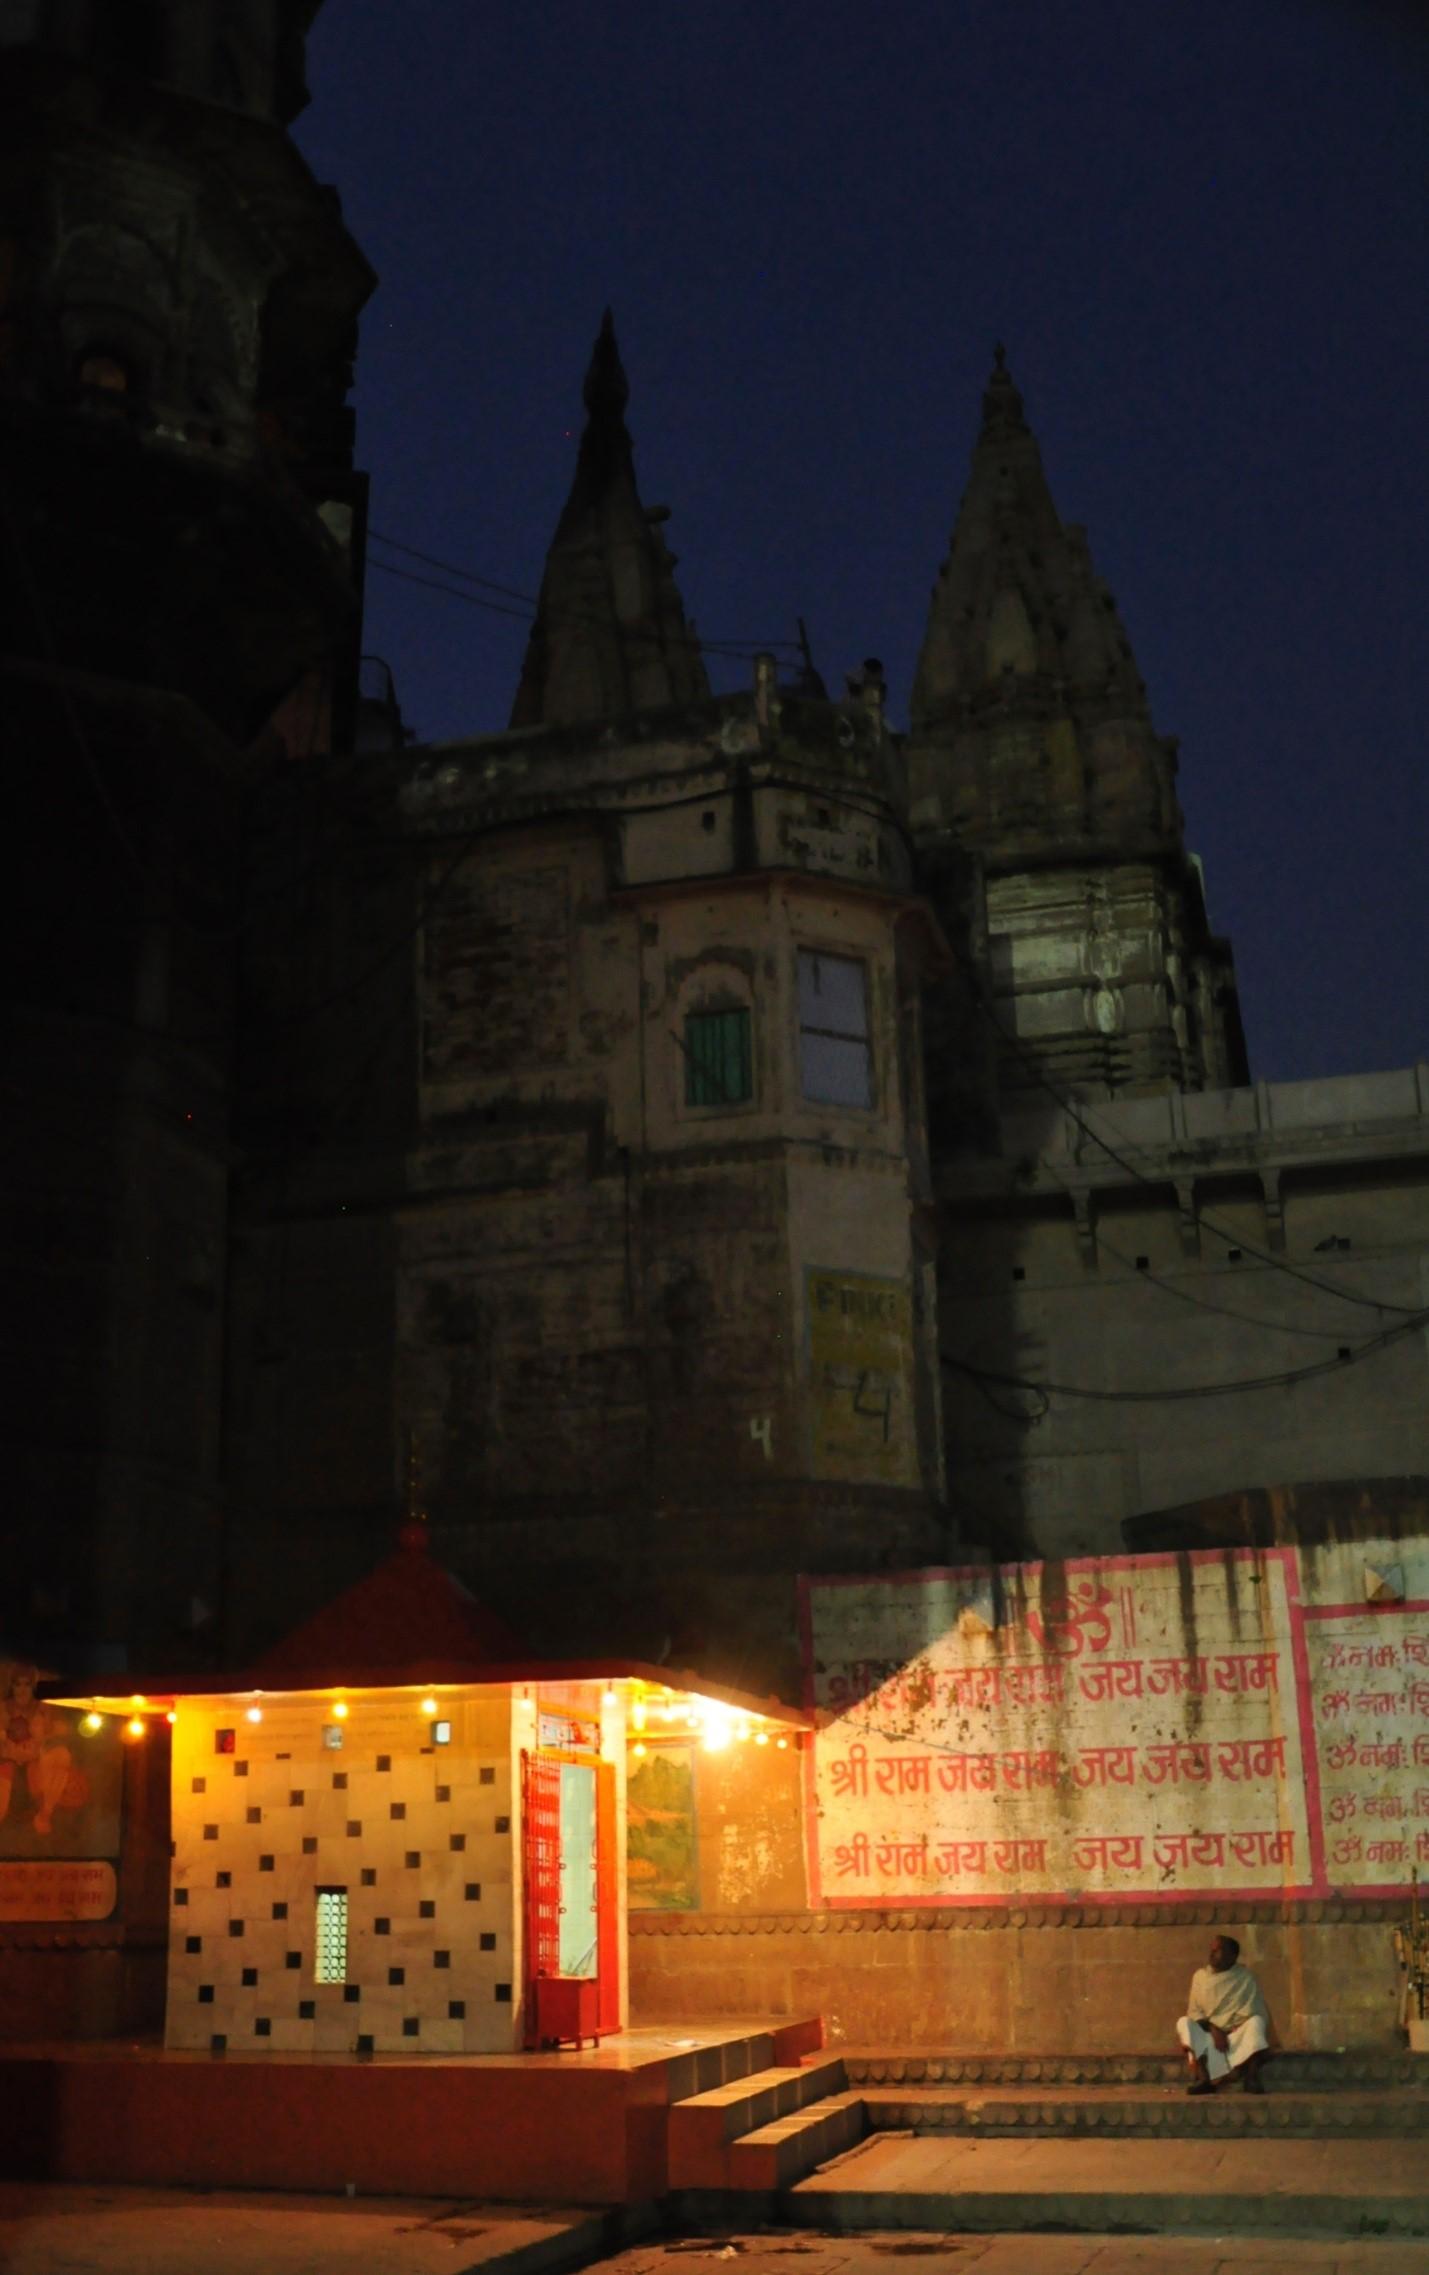 ночь в городе Варанаси, Индия